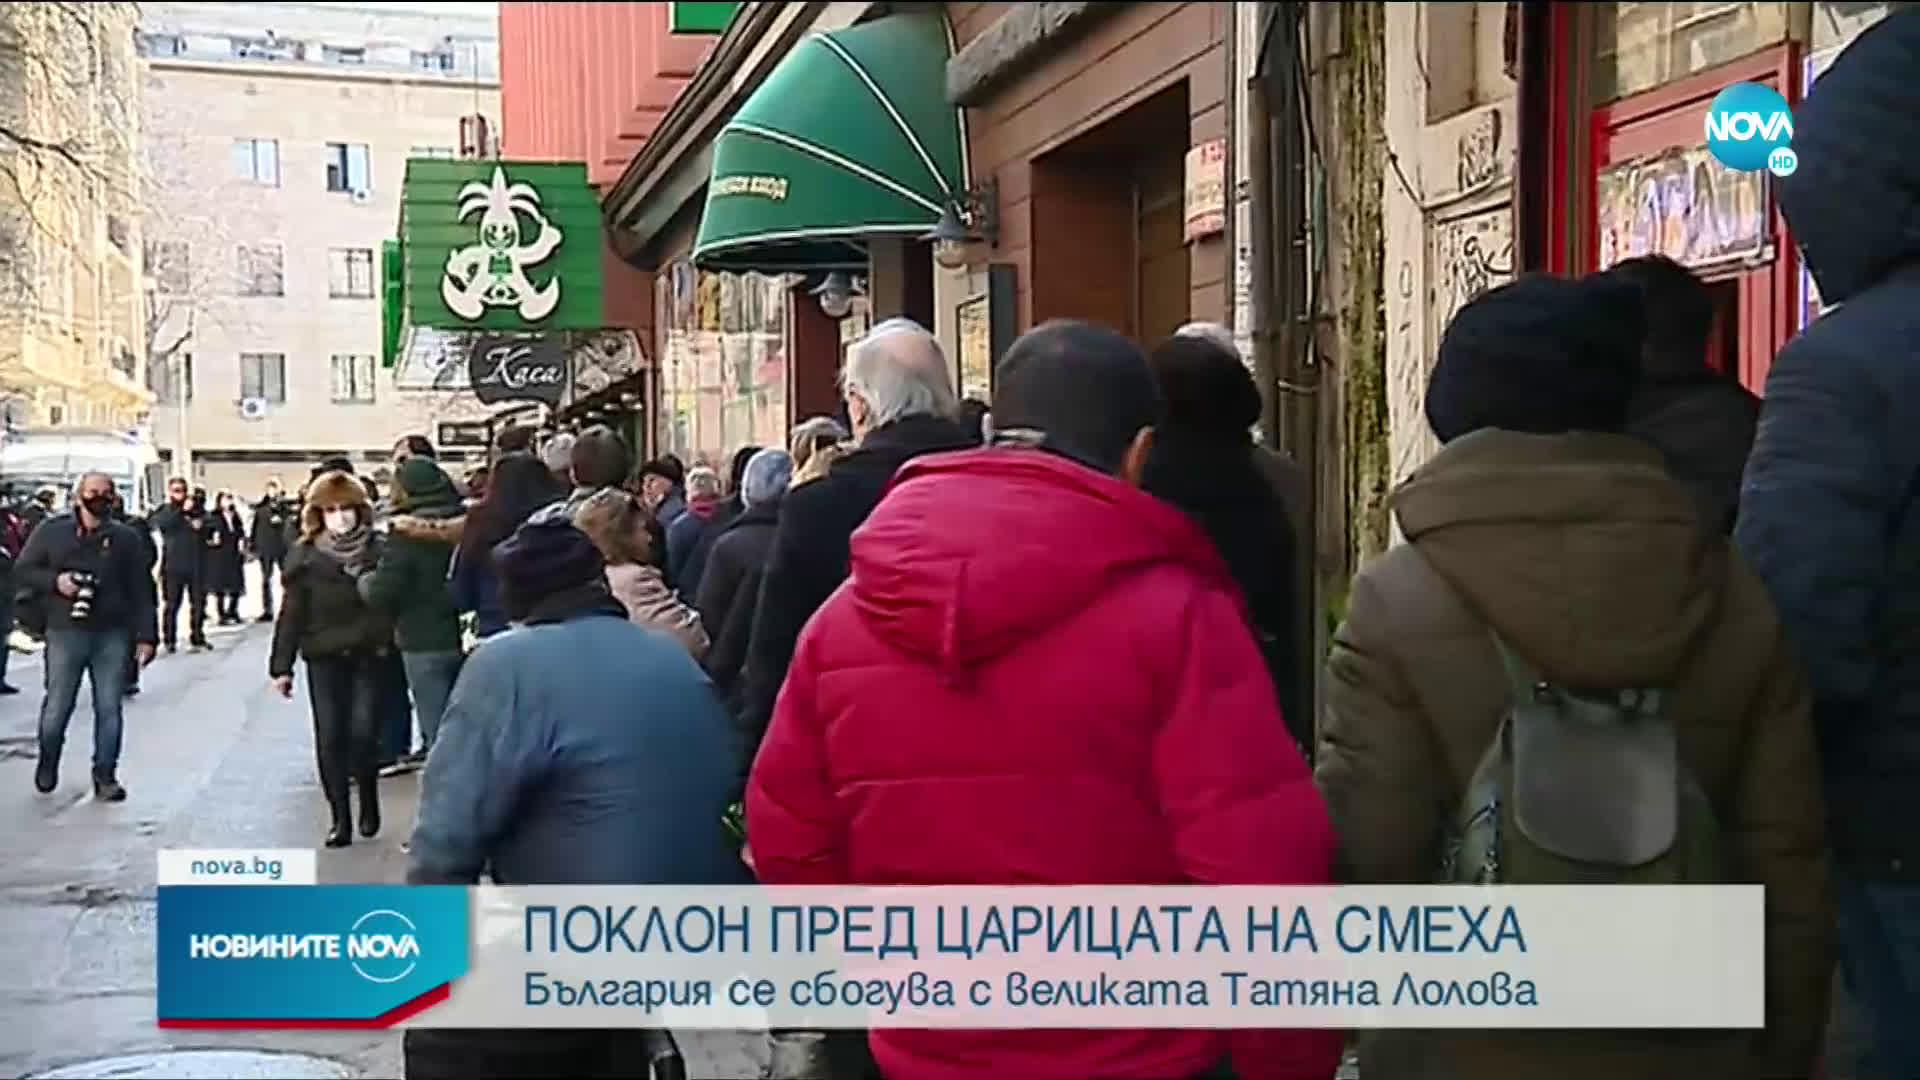 Стотици се сбогуваха с великата Татяна Лолова